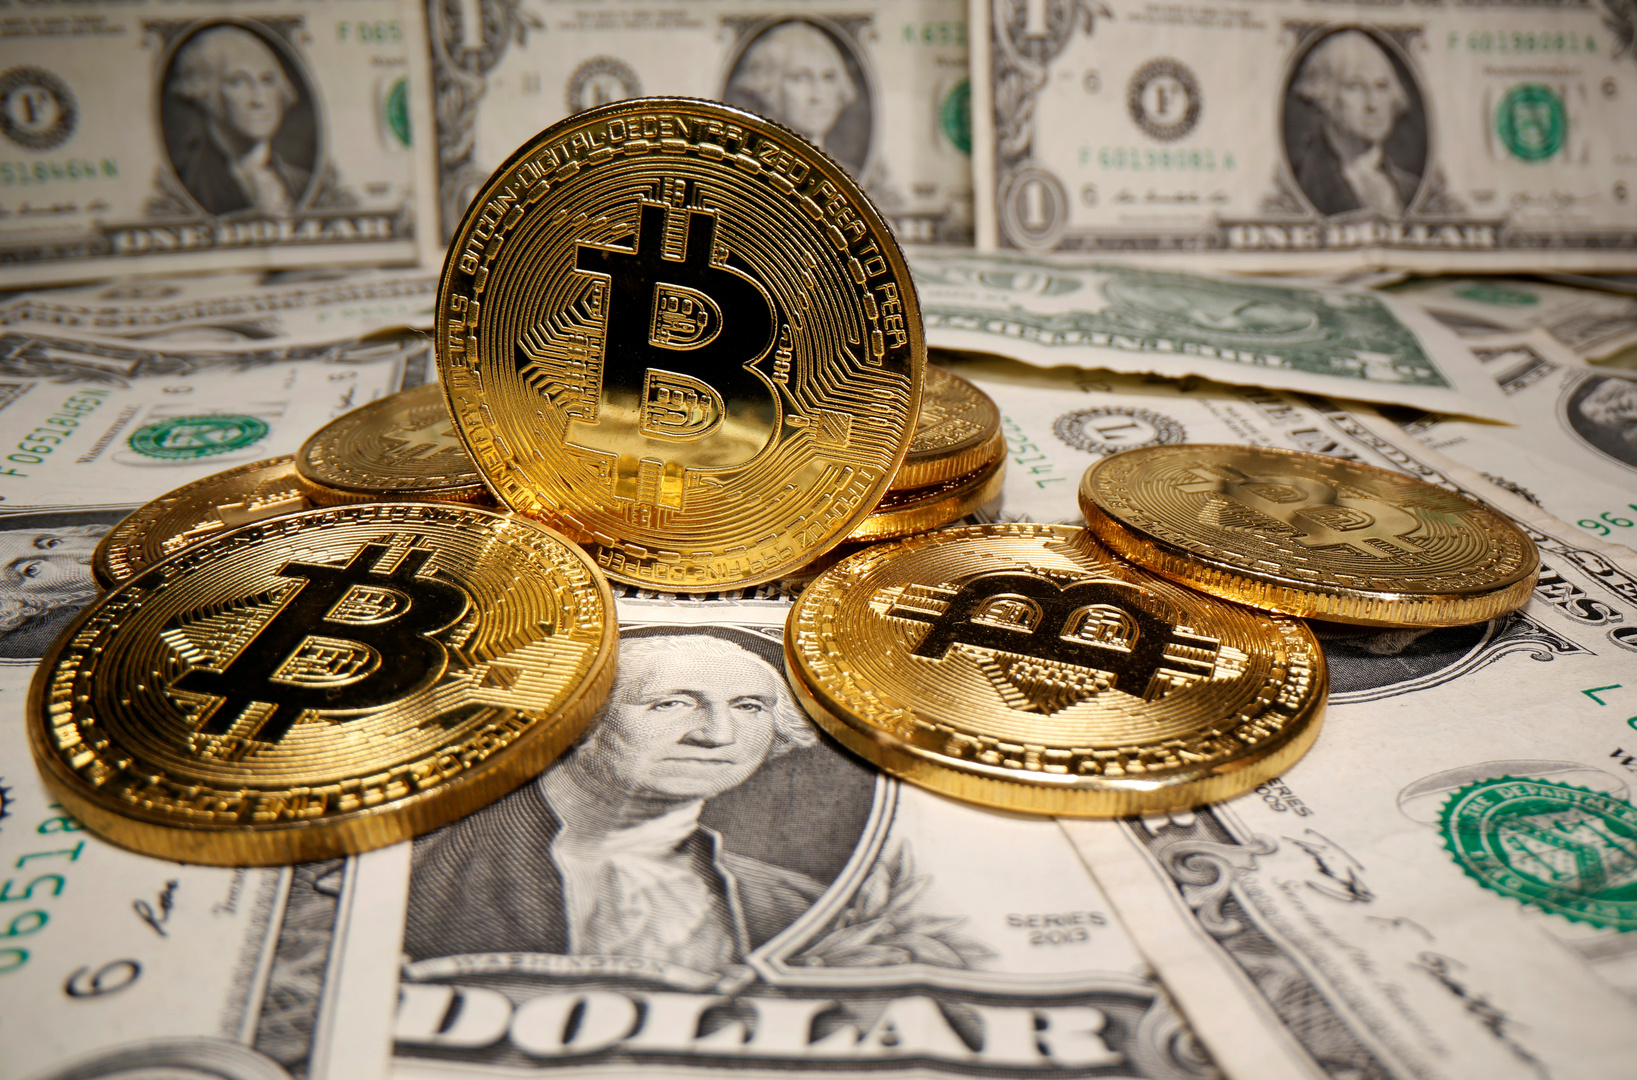 انخفاض قيمة العملة الافتراضية